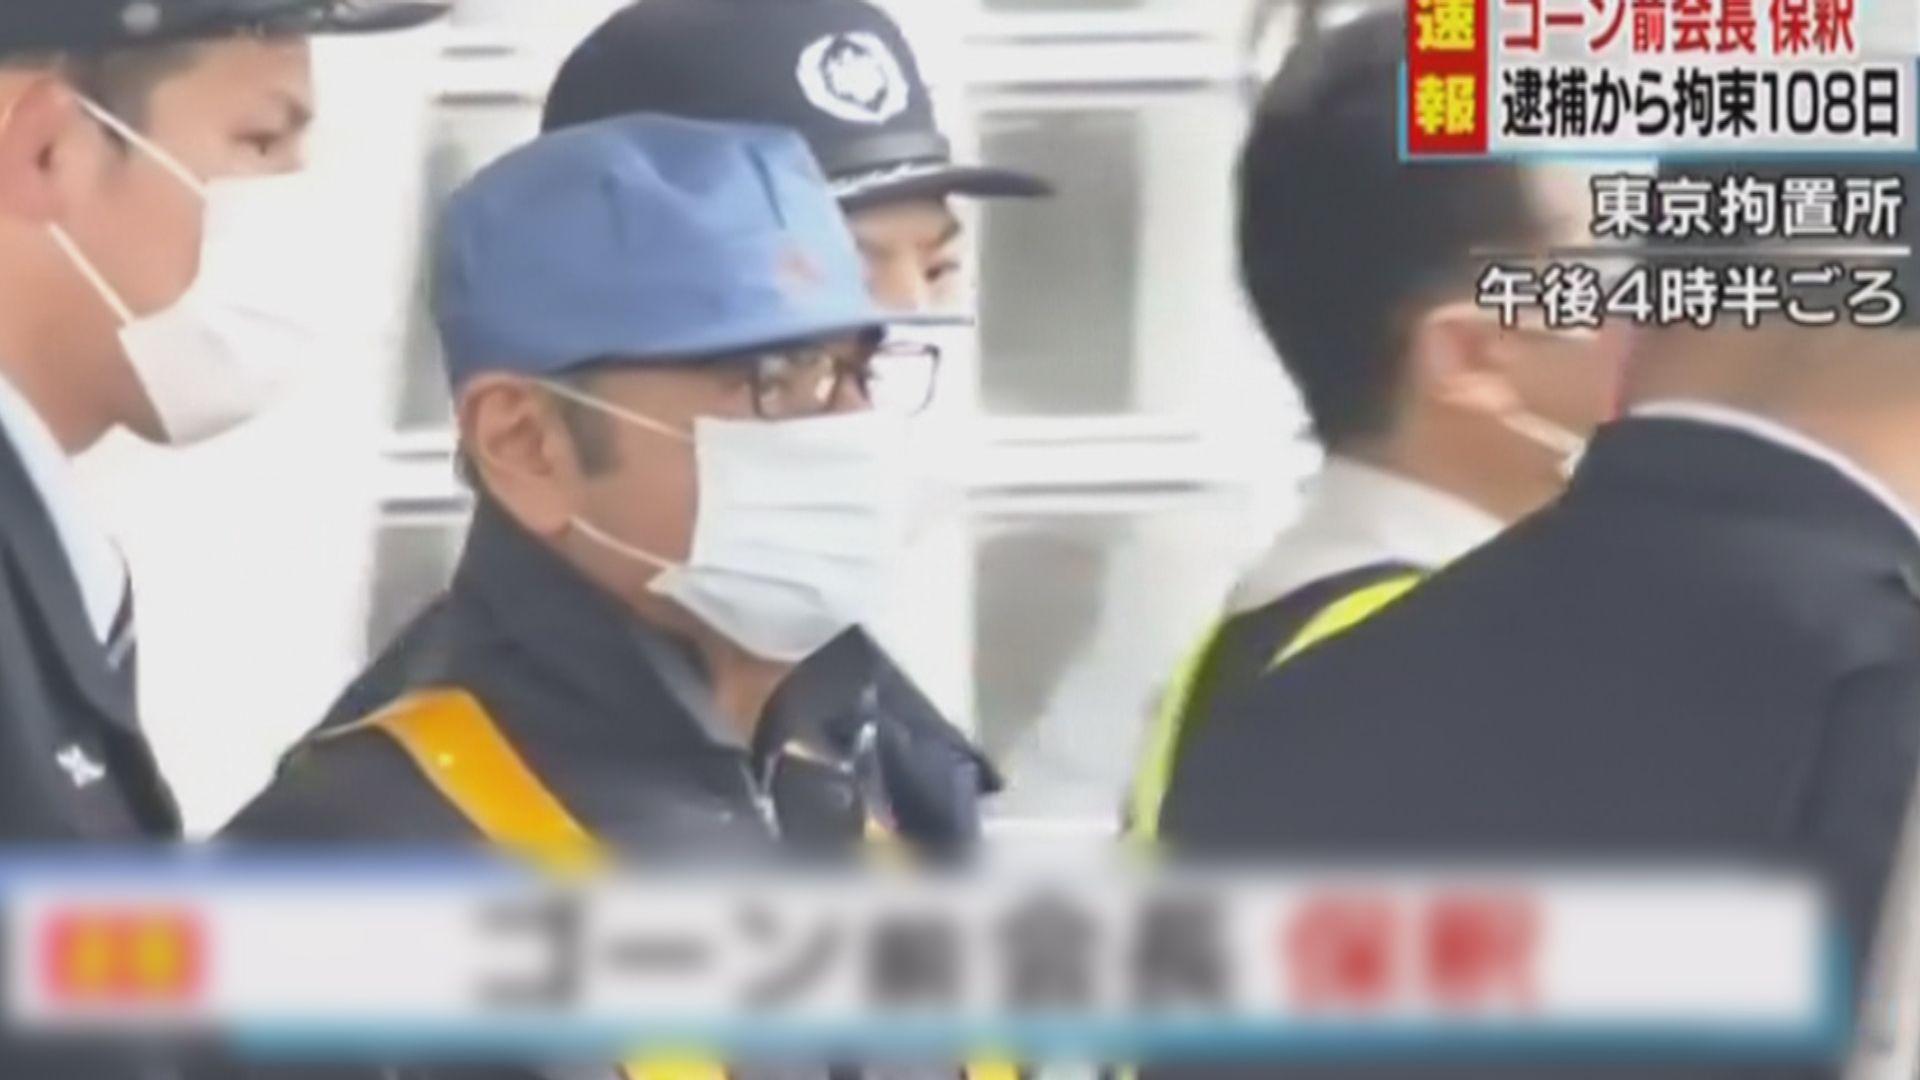 戈恩被扣逾百天令日本人質司法再惹關注